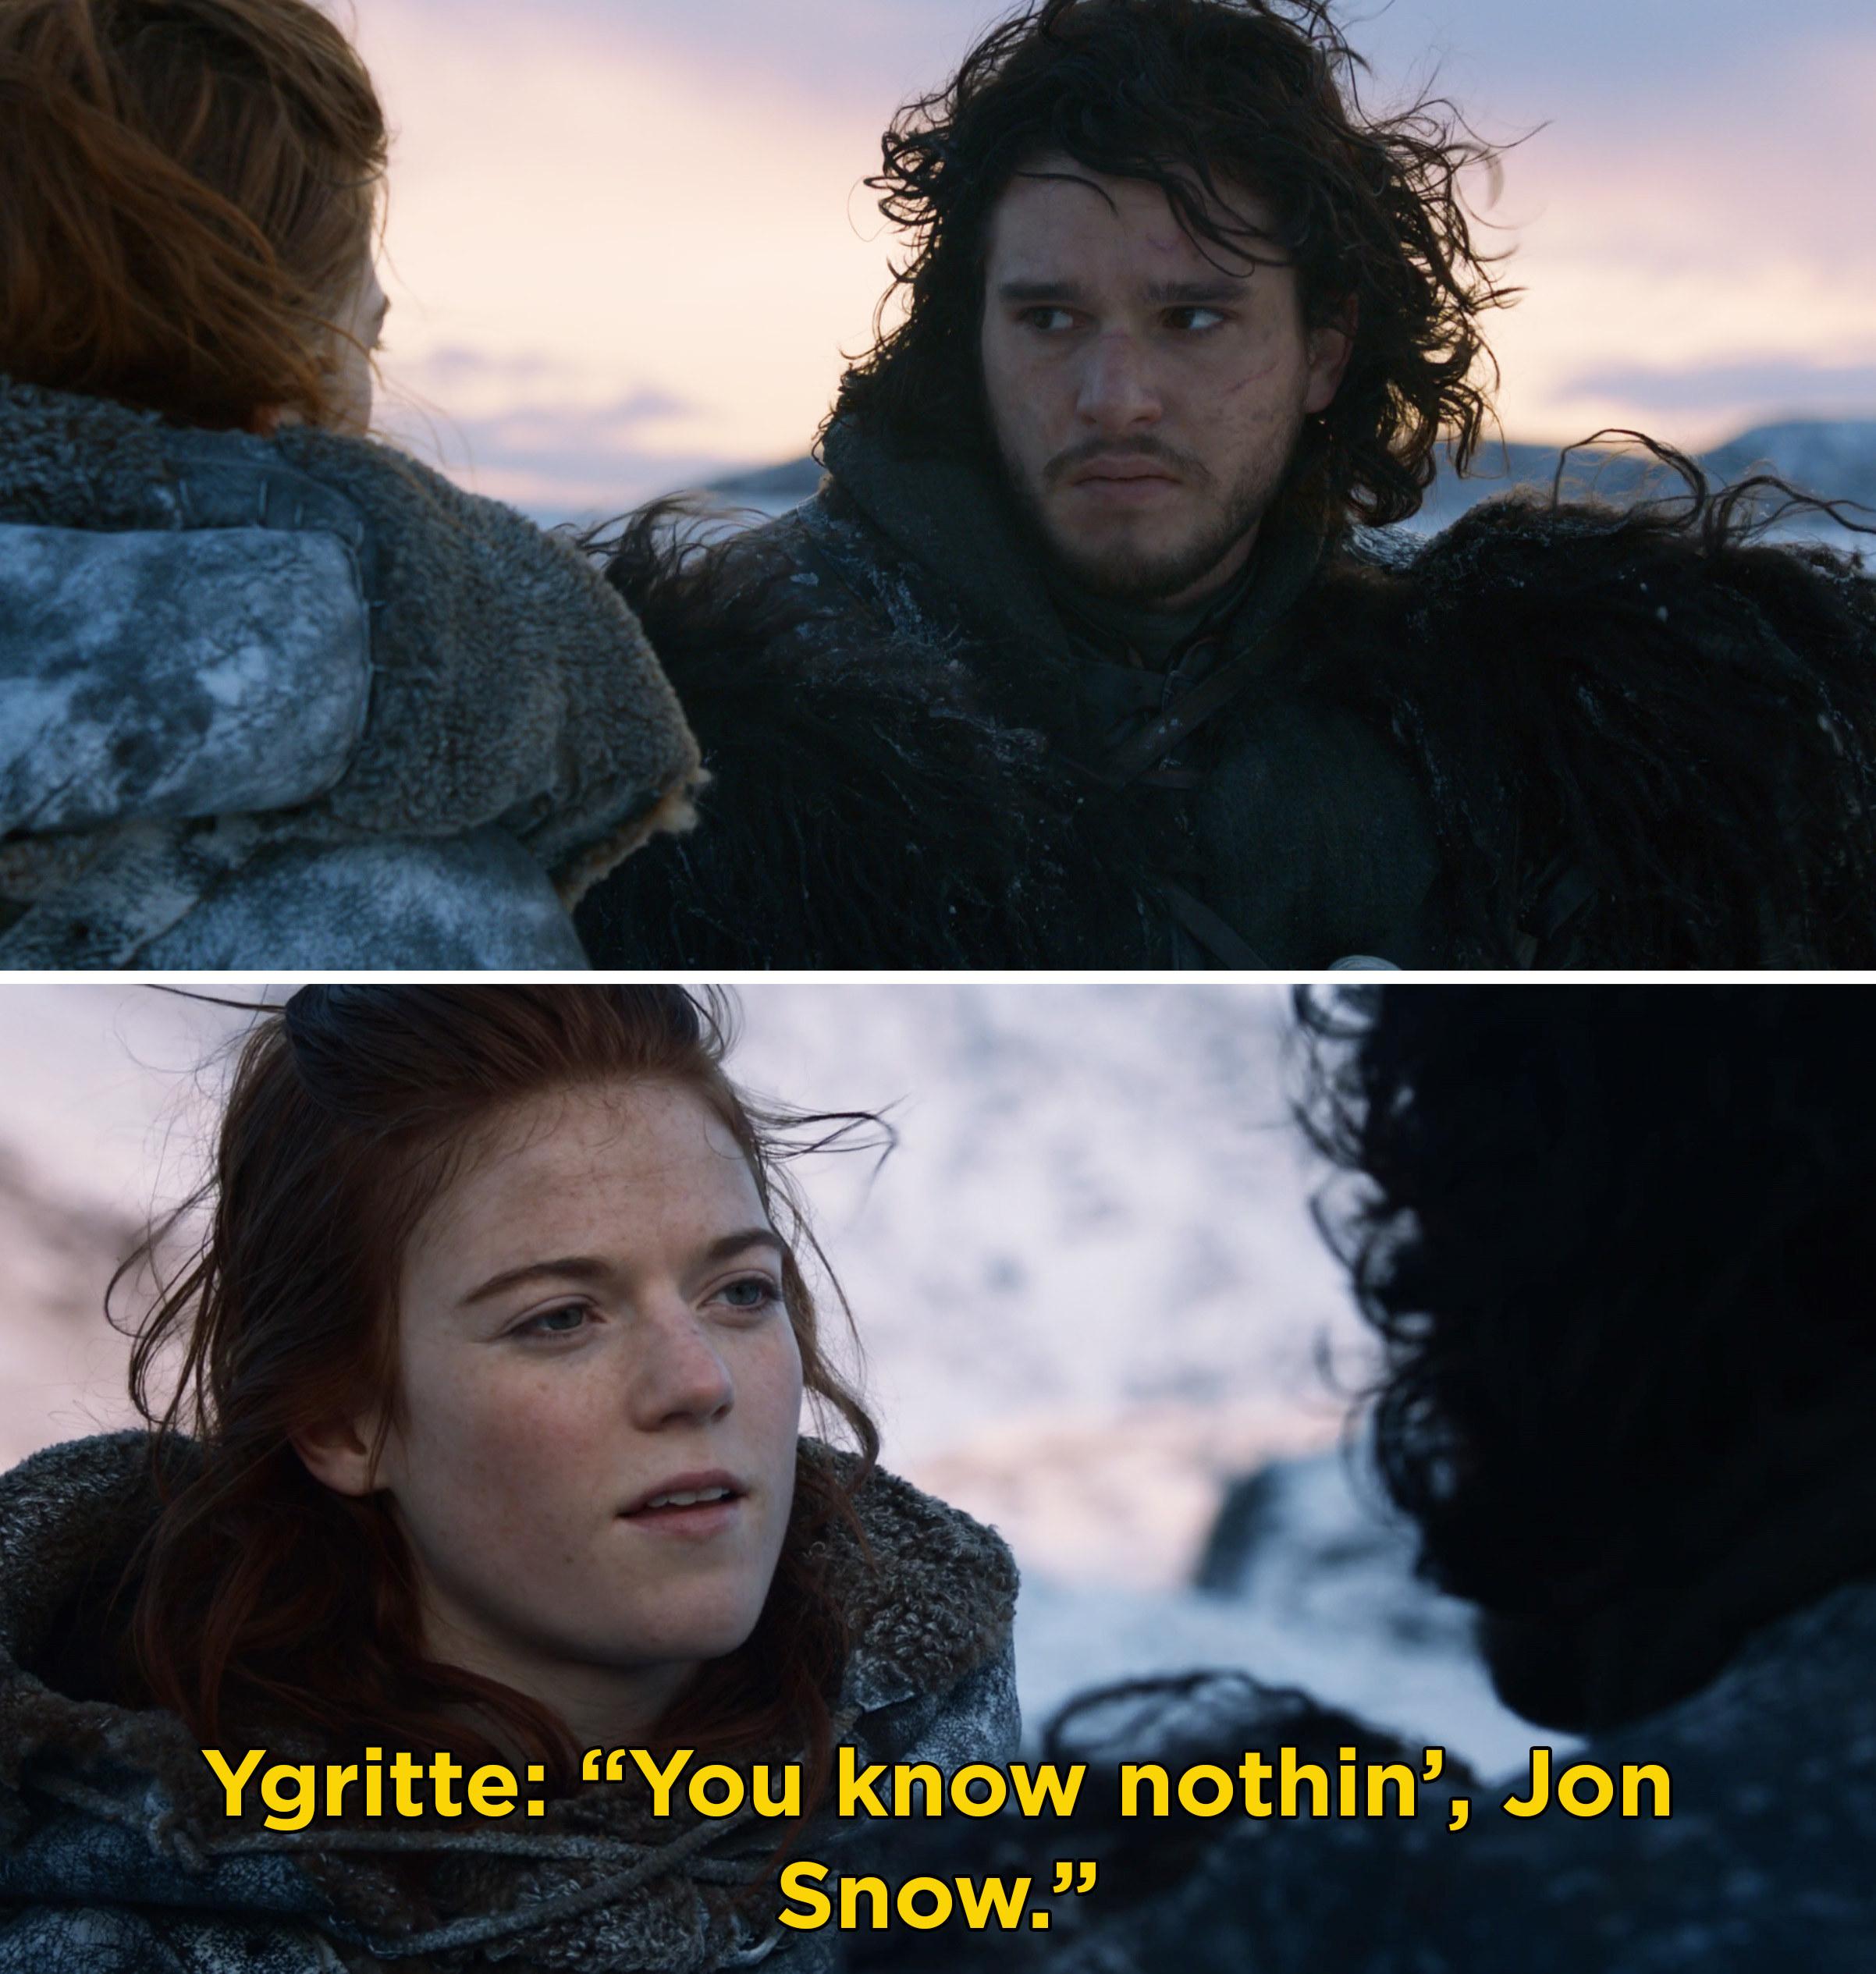 """Ygirtte telling Jon, """"You know nothin', Jon Snow"""""""